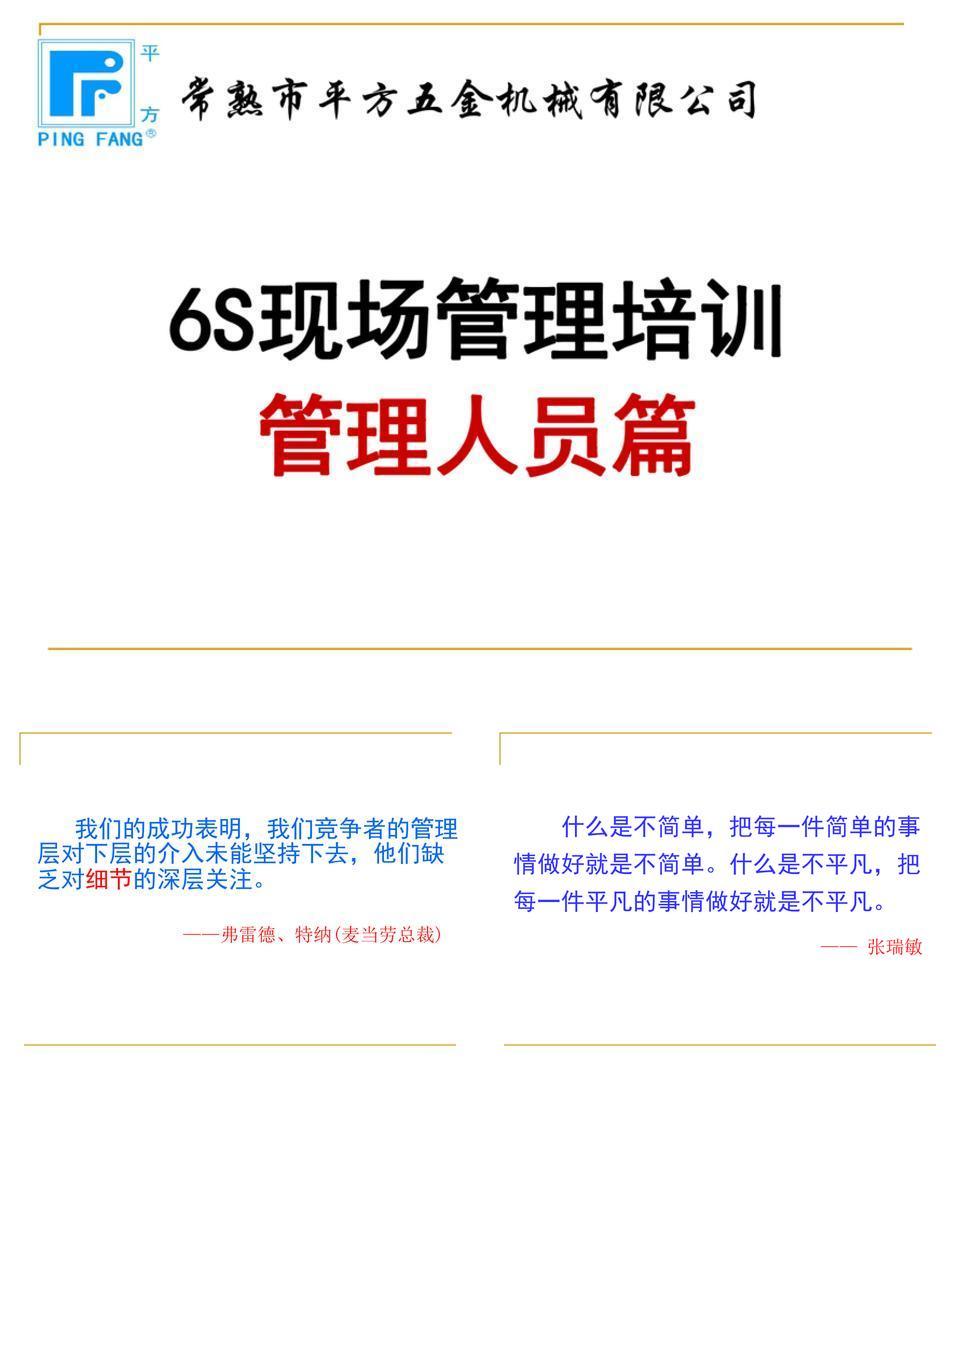 6S现场管理培训(管理人员篇).ppt